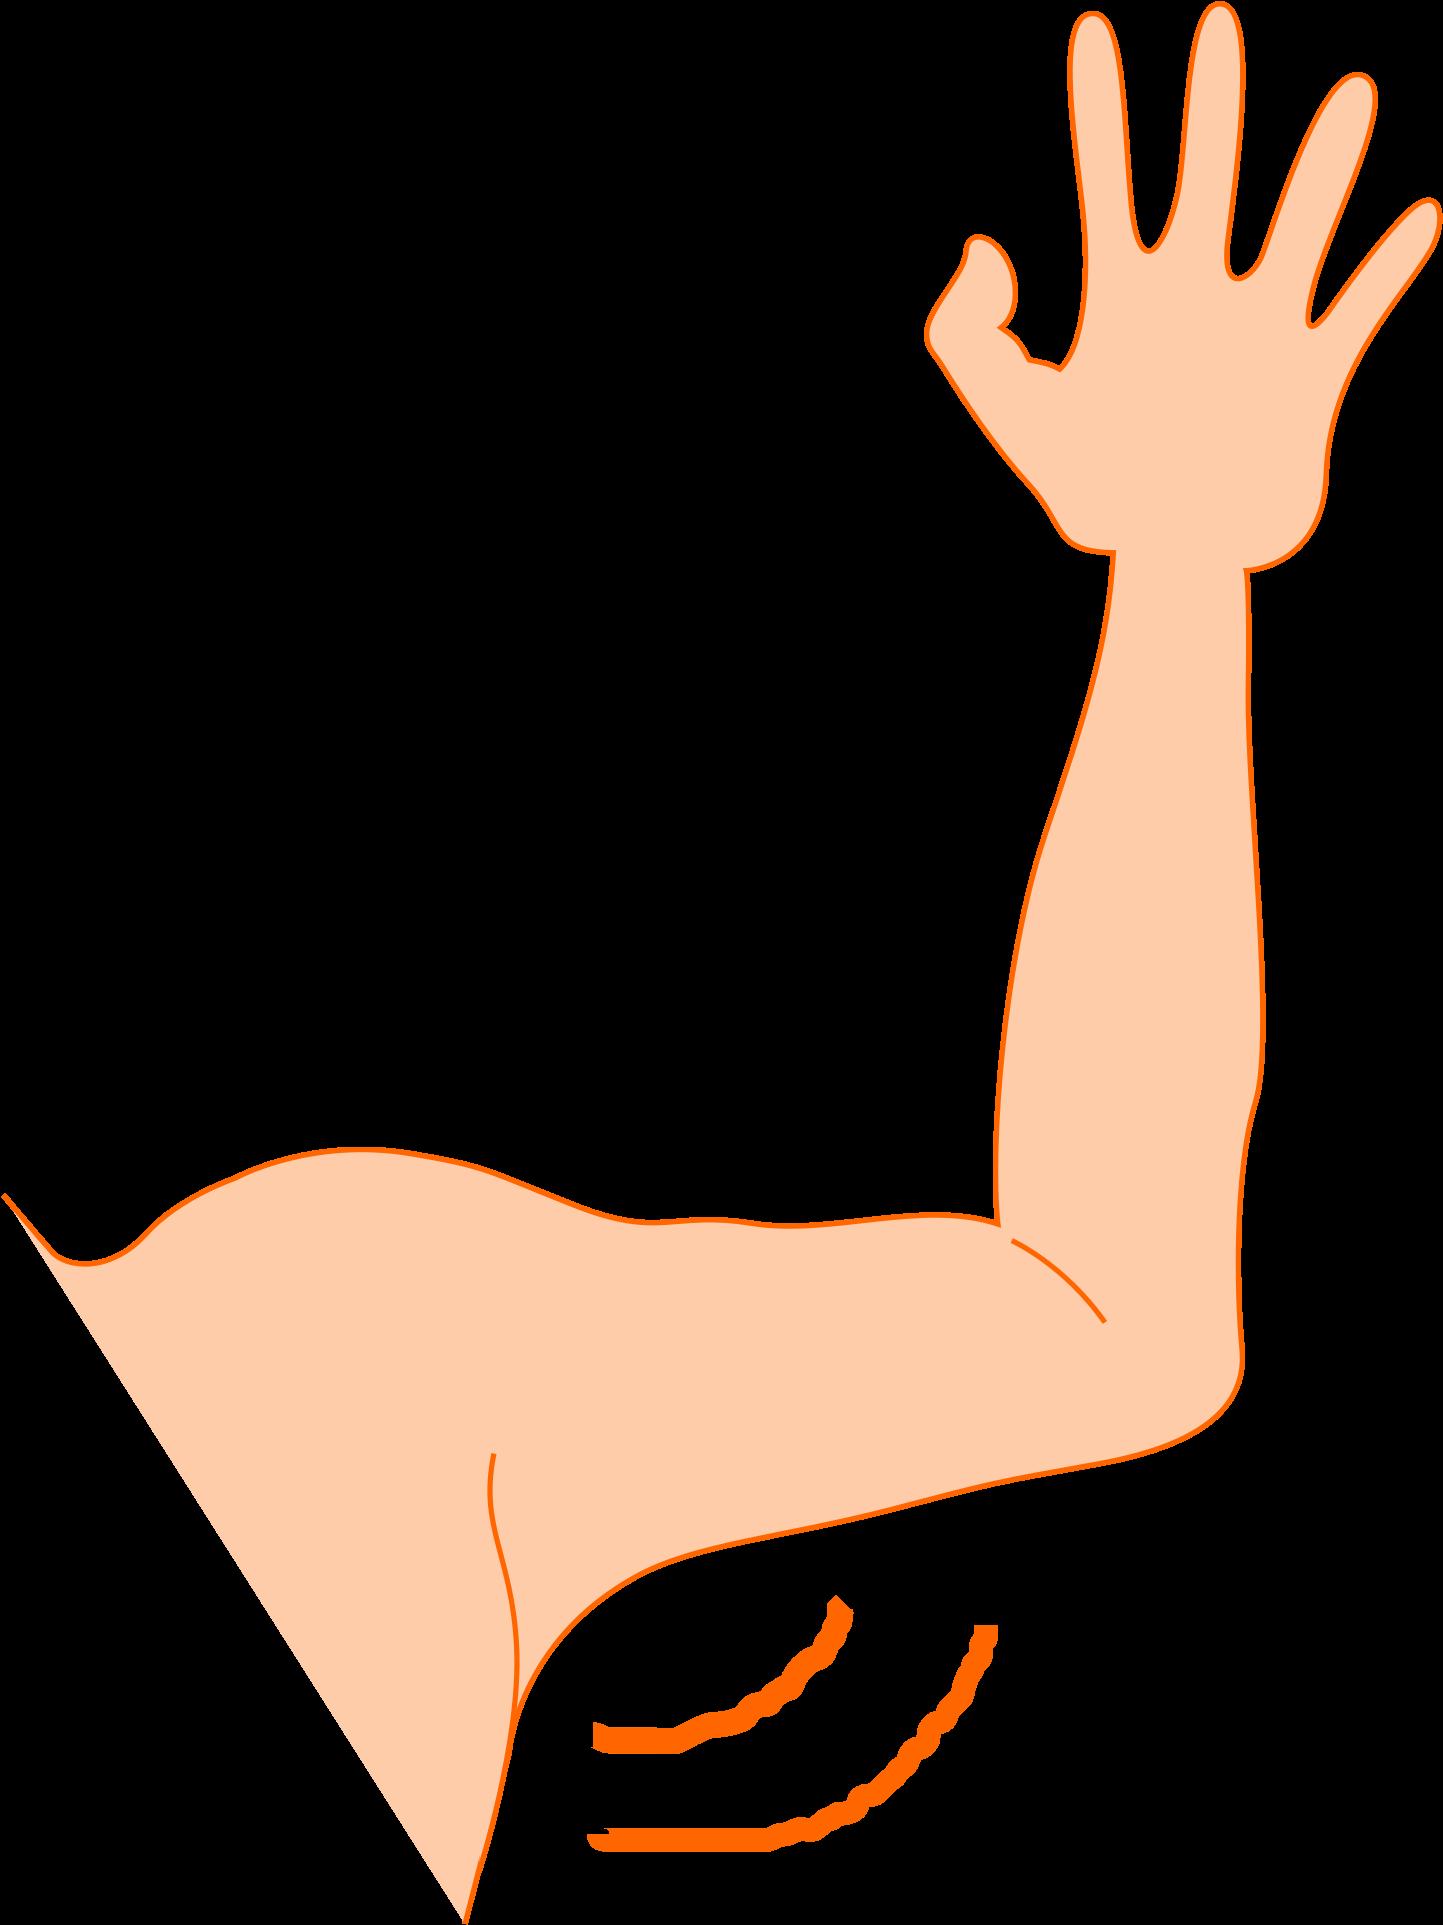 Clipart Arm Pit.